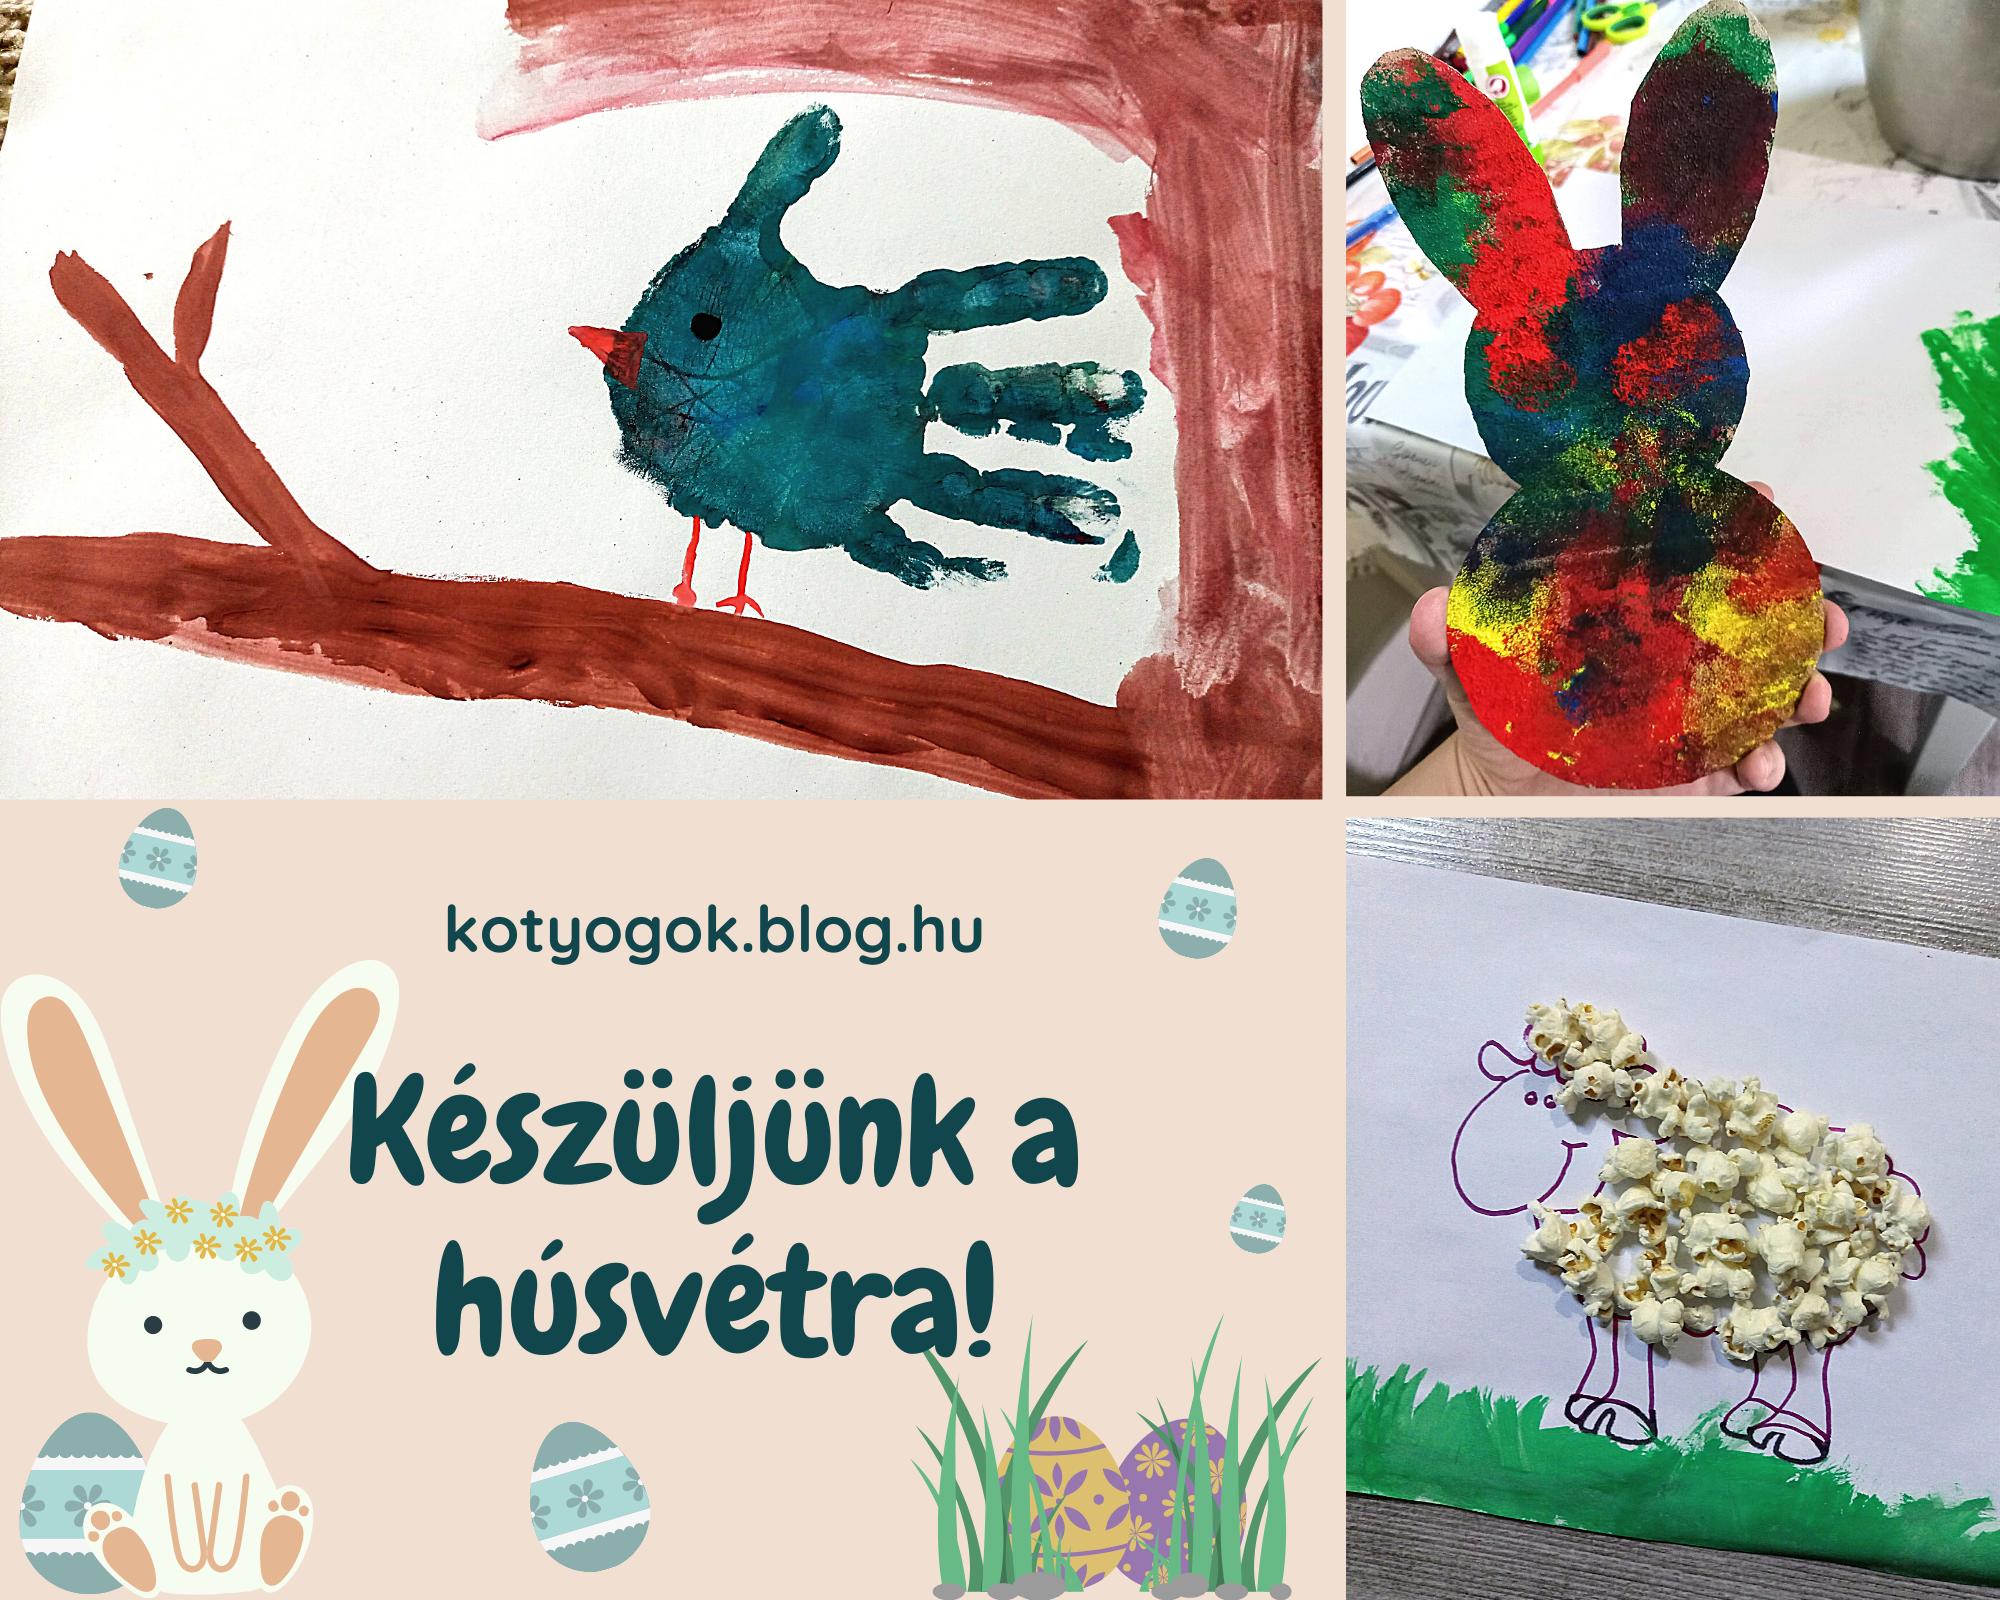 husvet_keszulodes_kotyogok_blog_hu.png